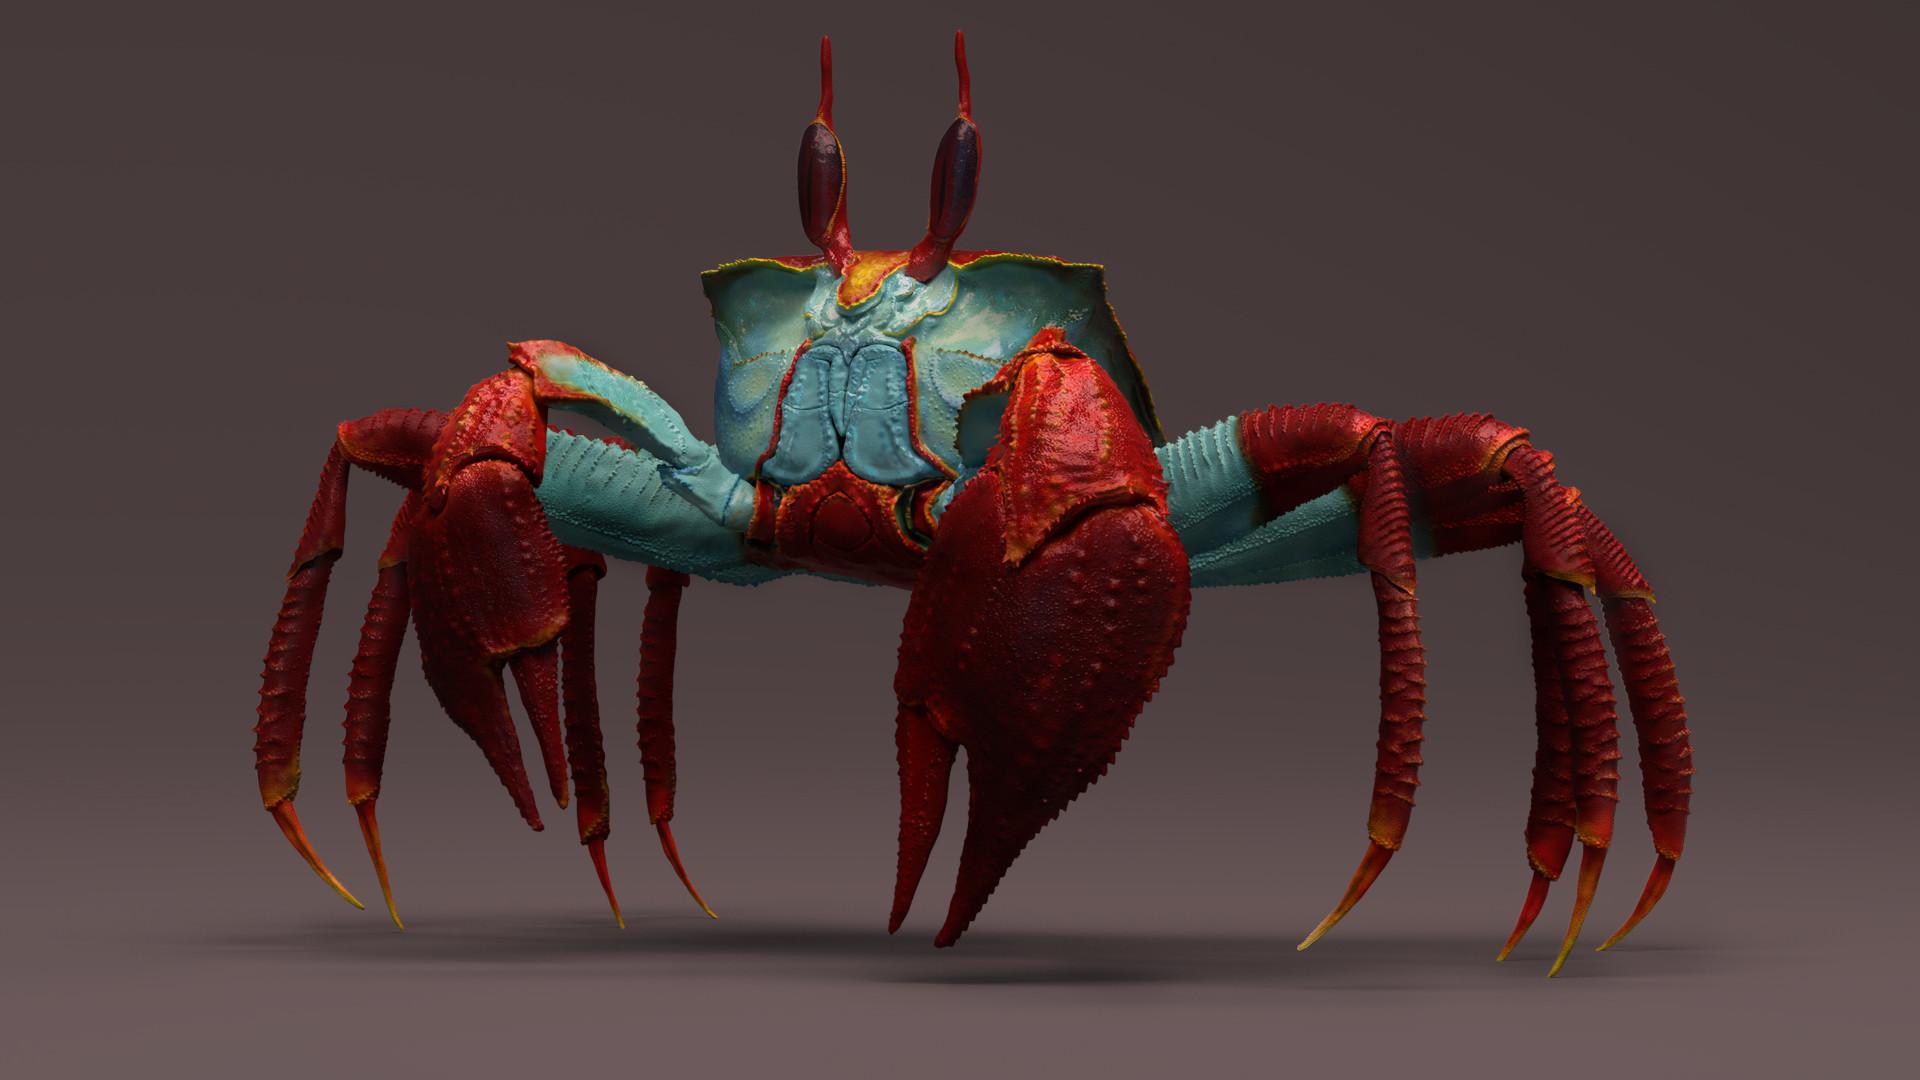 Lisa f mueller krabbe hd